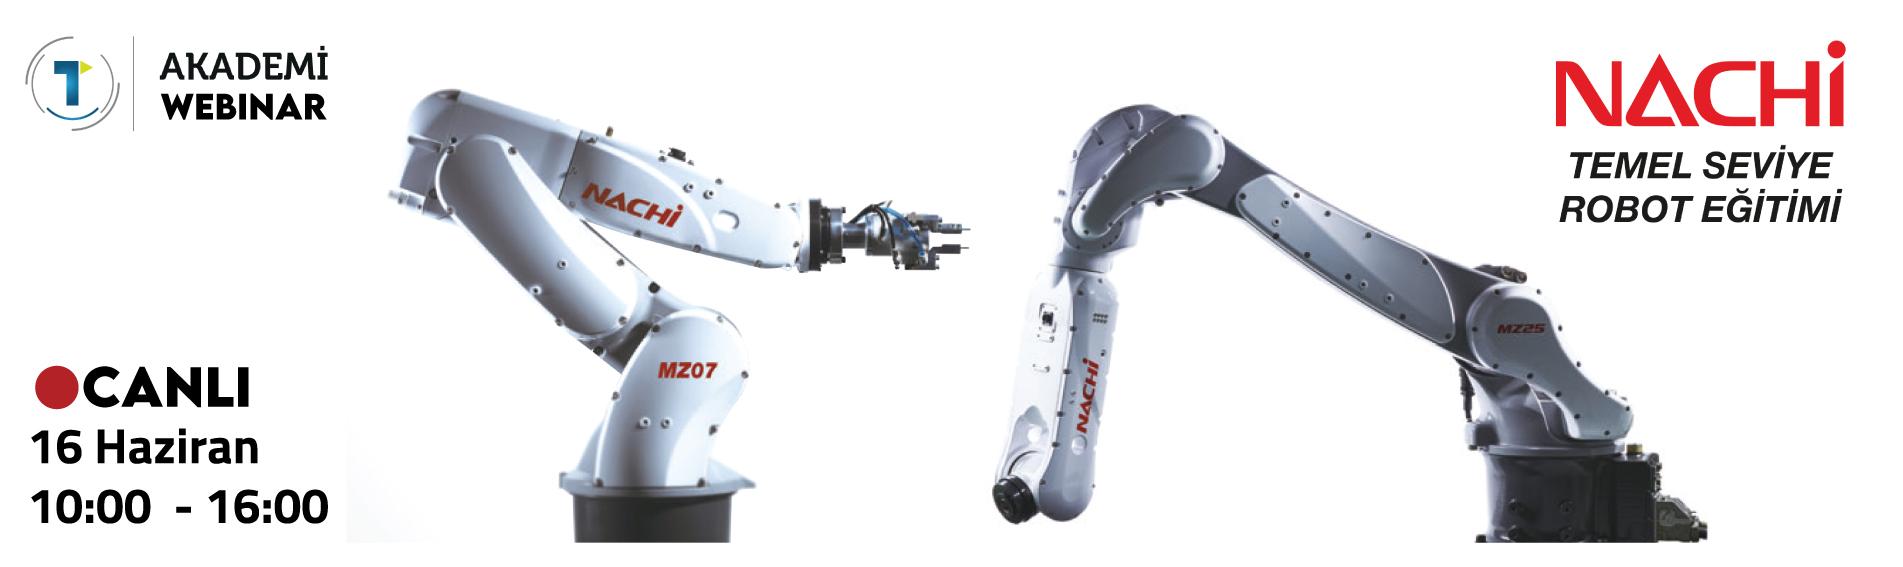 NACHİ Temel Seviye Robot Eğitimimize